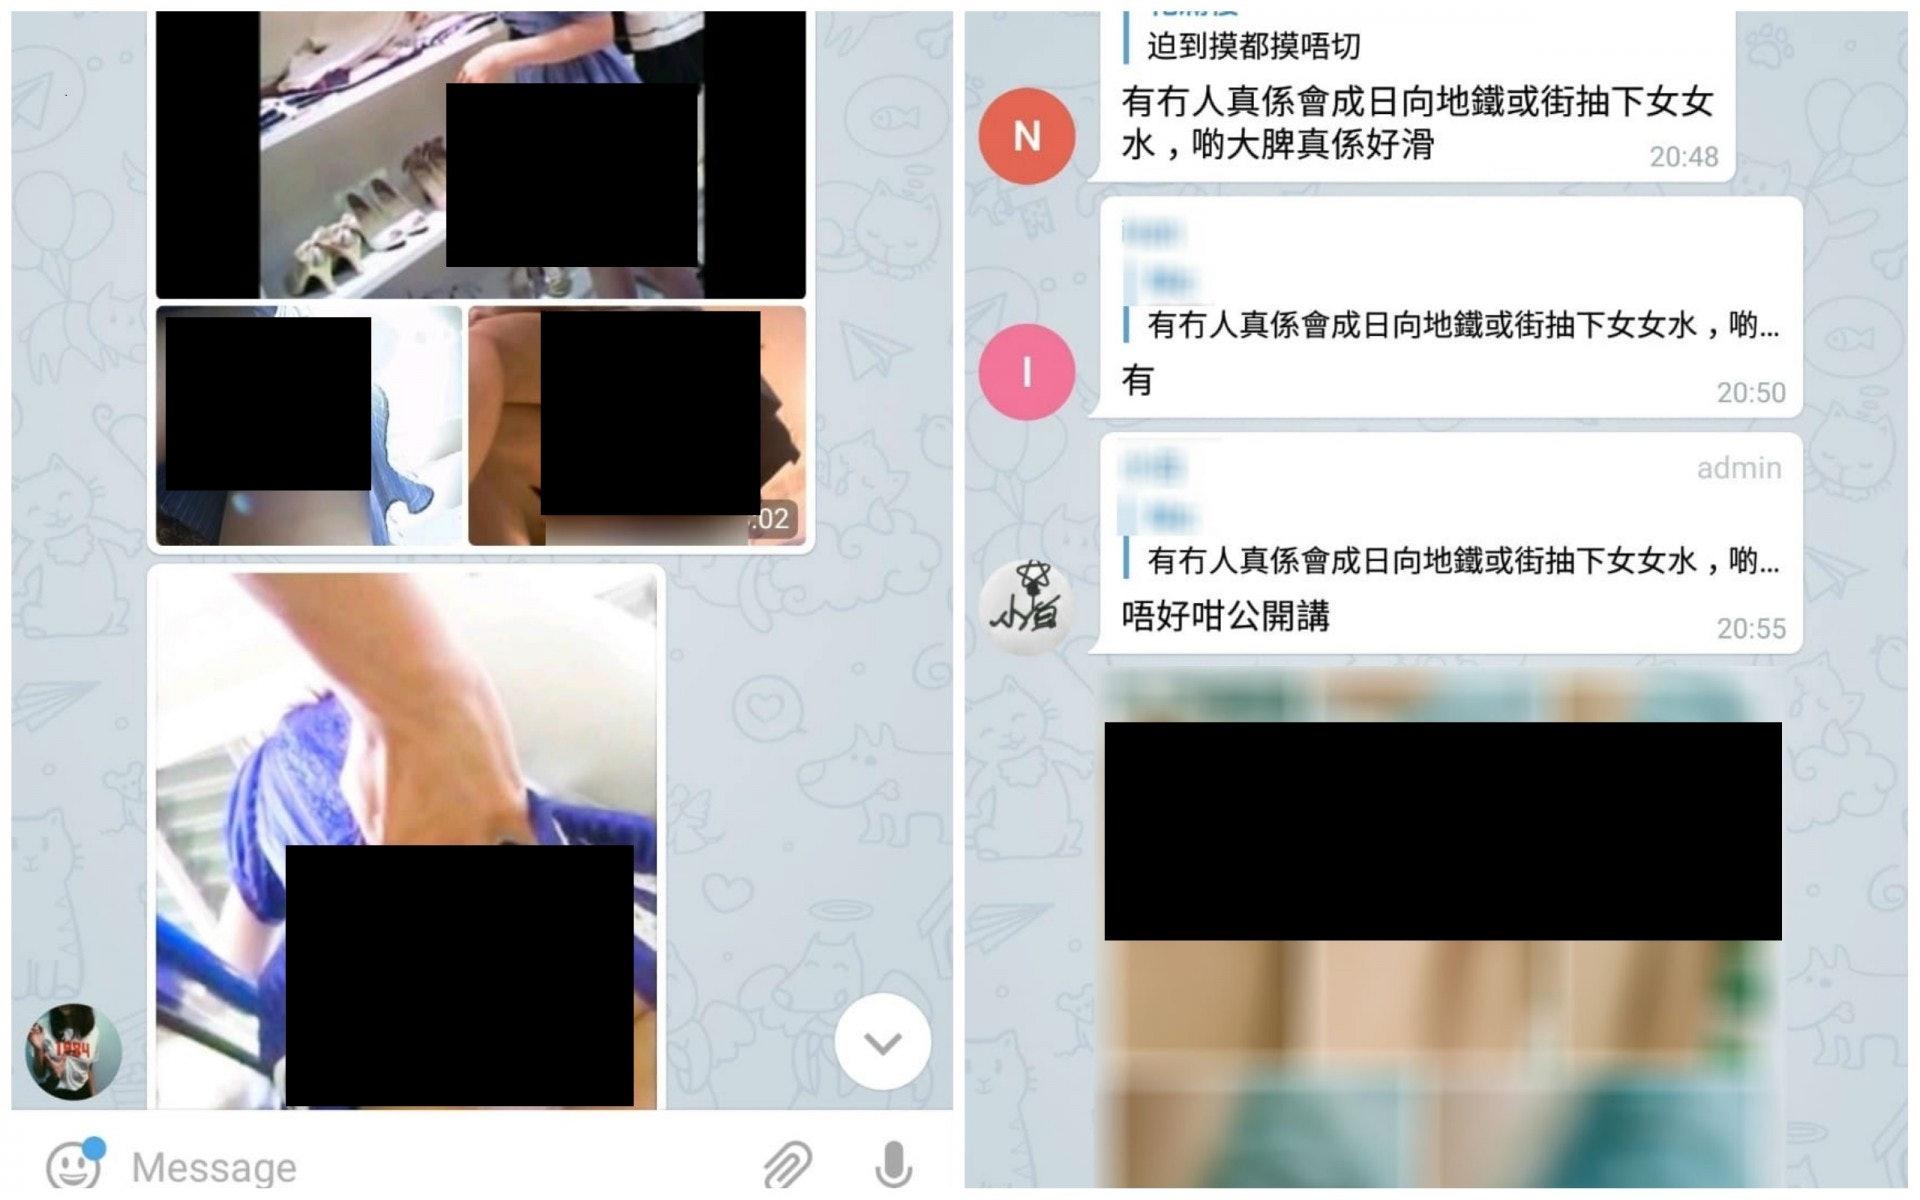 群組內常有偷拍女性裙底的照片。(受訪者提供)